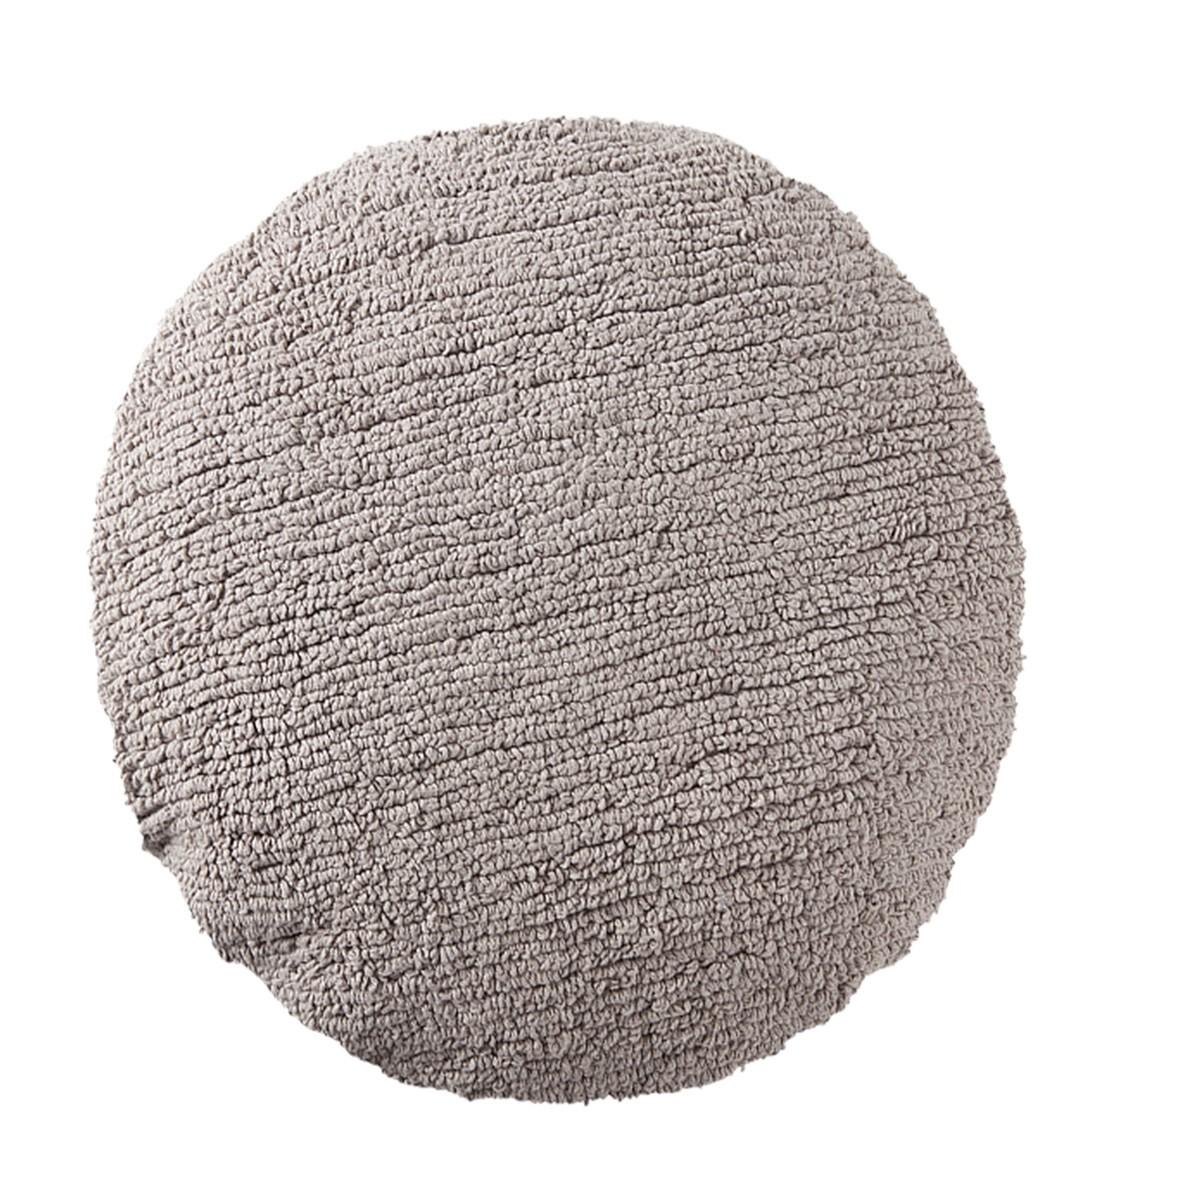 Διακοσμητικό Στρογγυλό Μαξιλάρι Lorena Canals Big Dot Light Grey